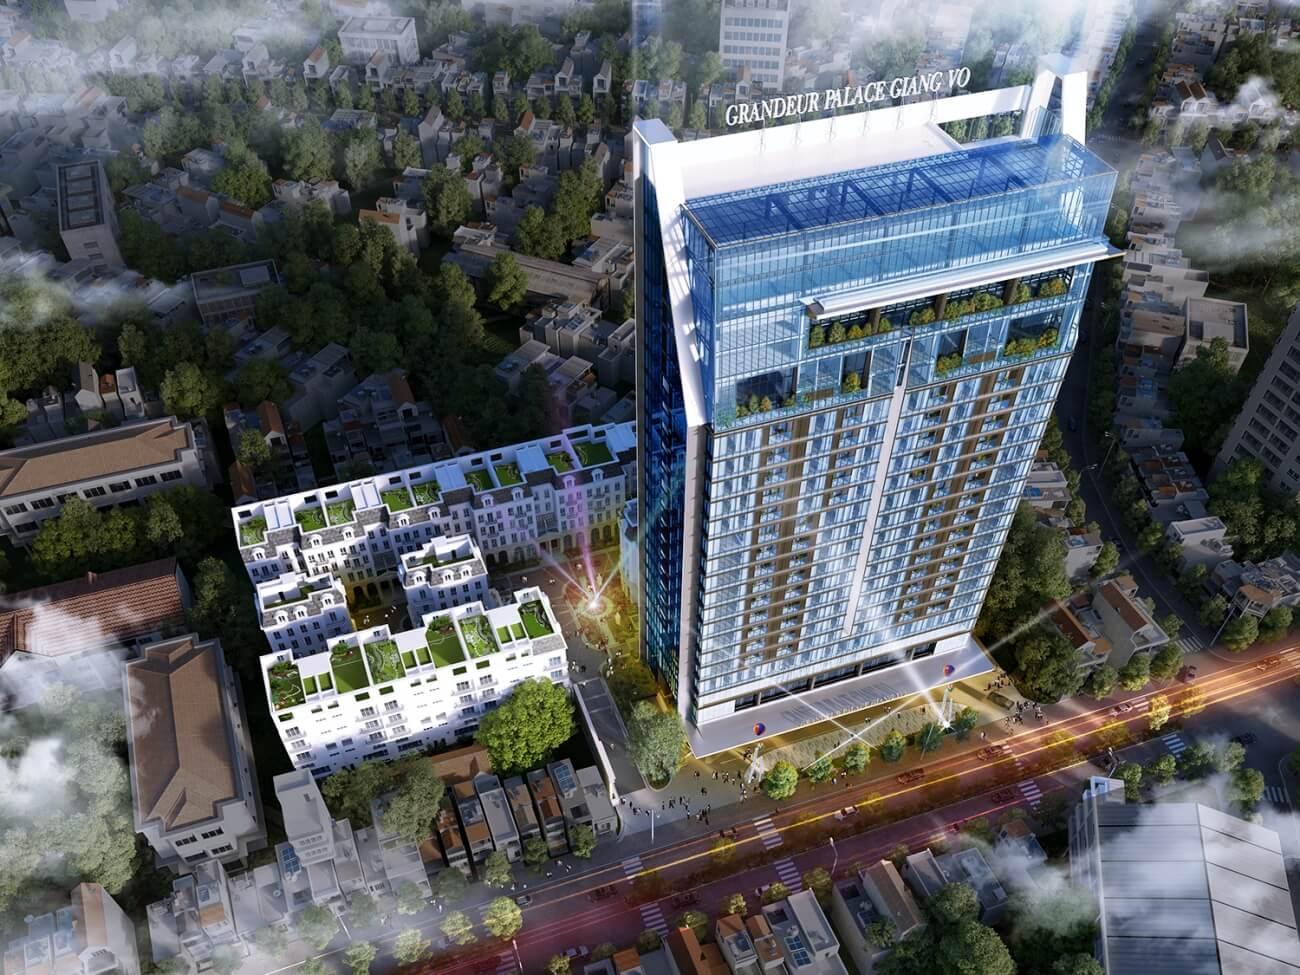 Quy hoạch tổng thể dự án Grandeur Palace Giảng Võ